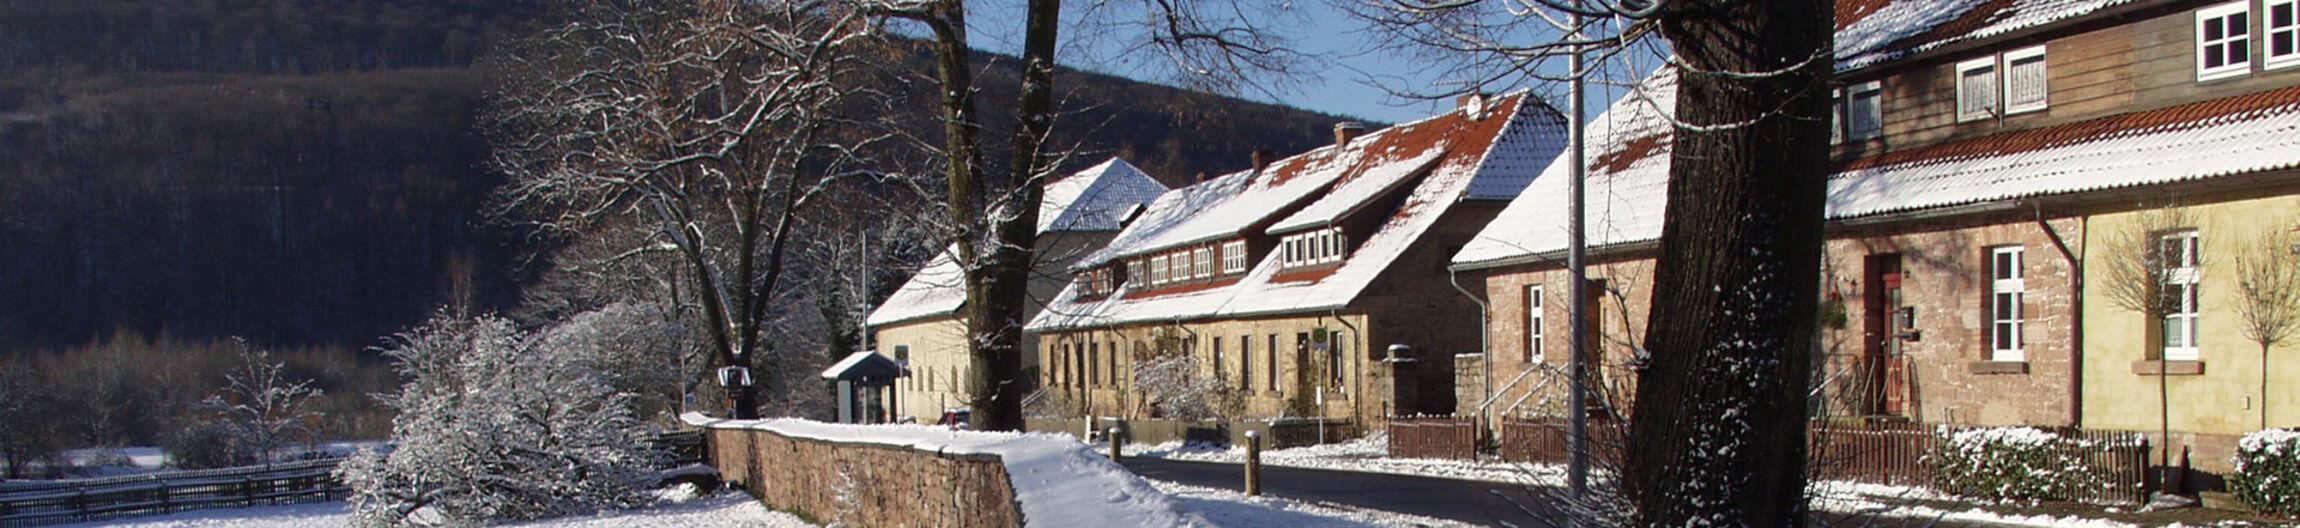 jost_winter_haeserzeile_slider_PC200648